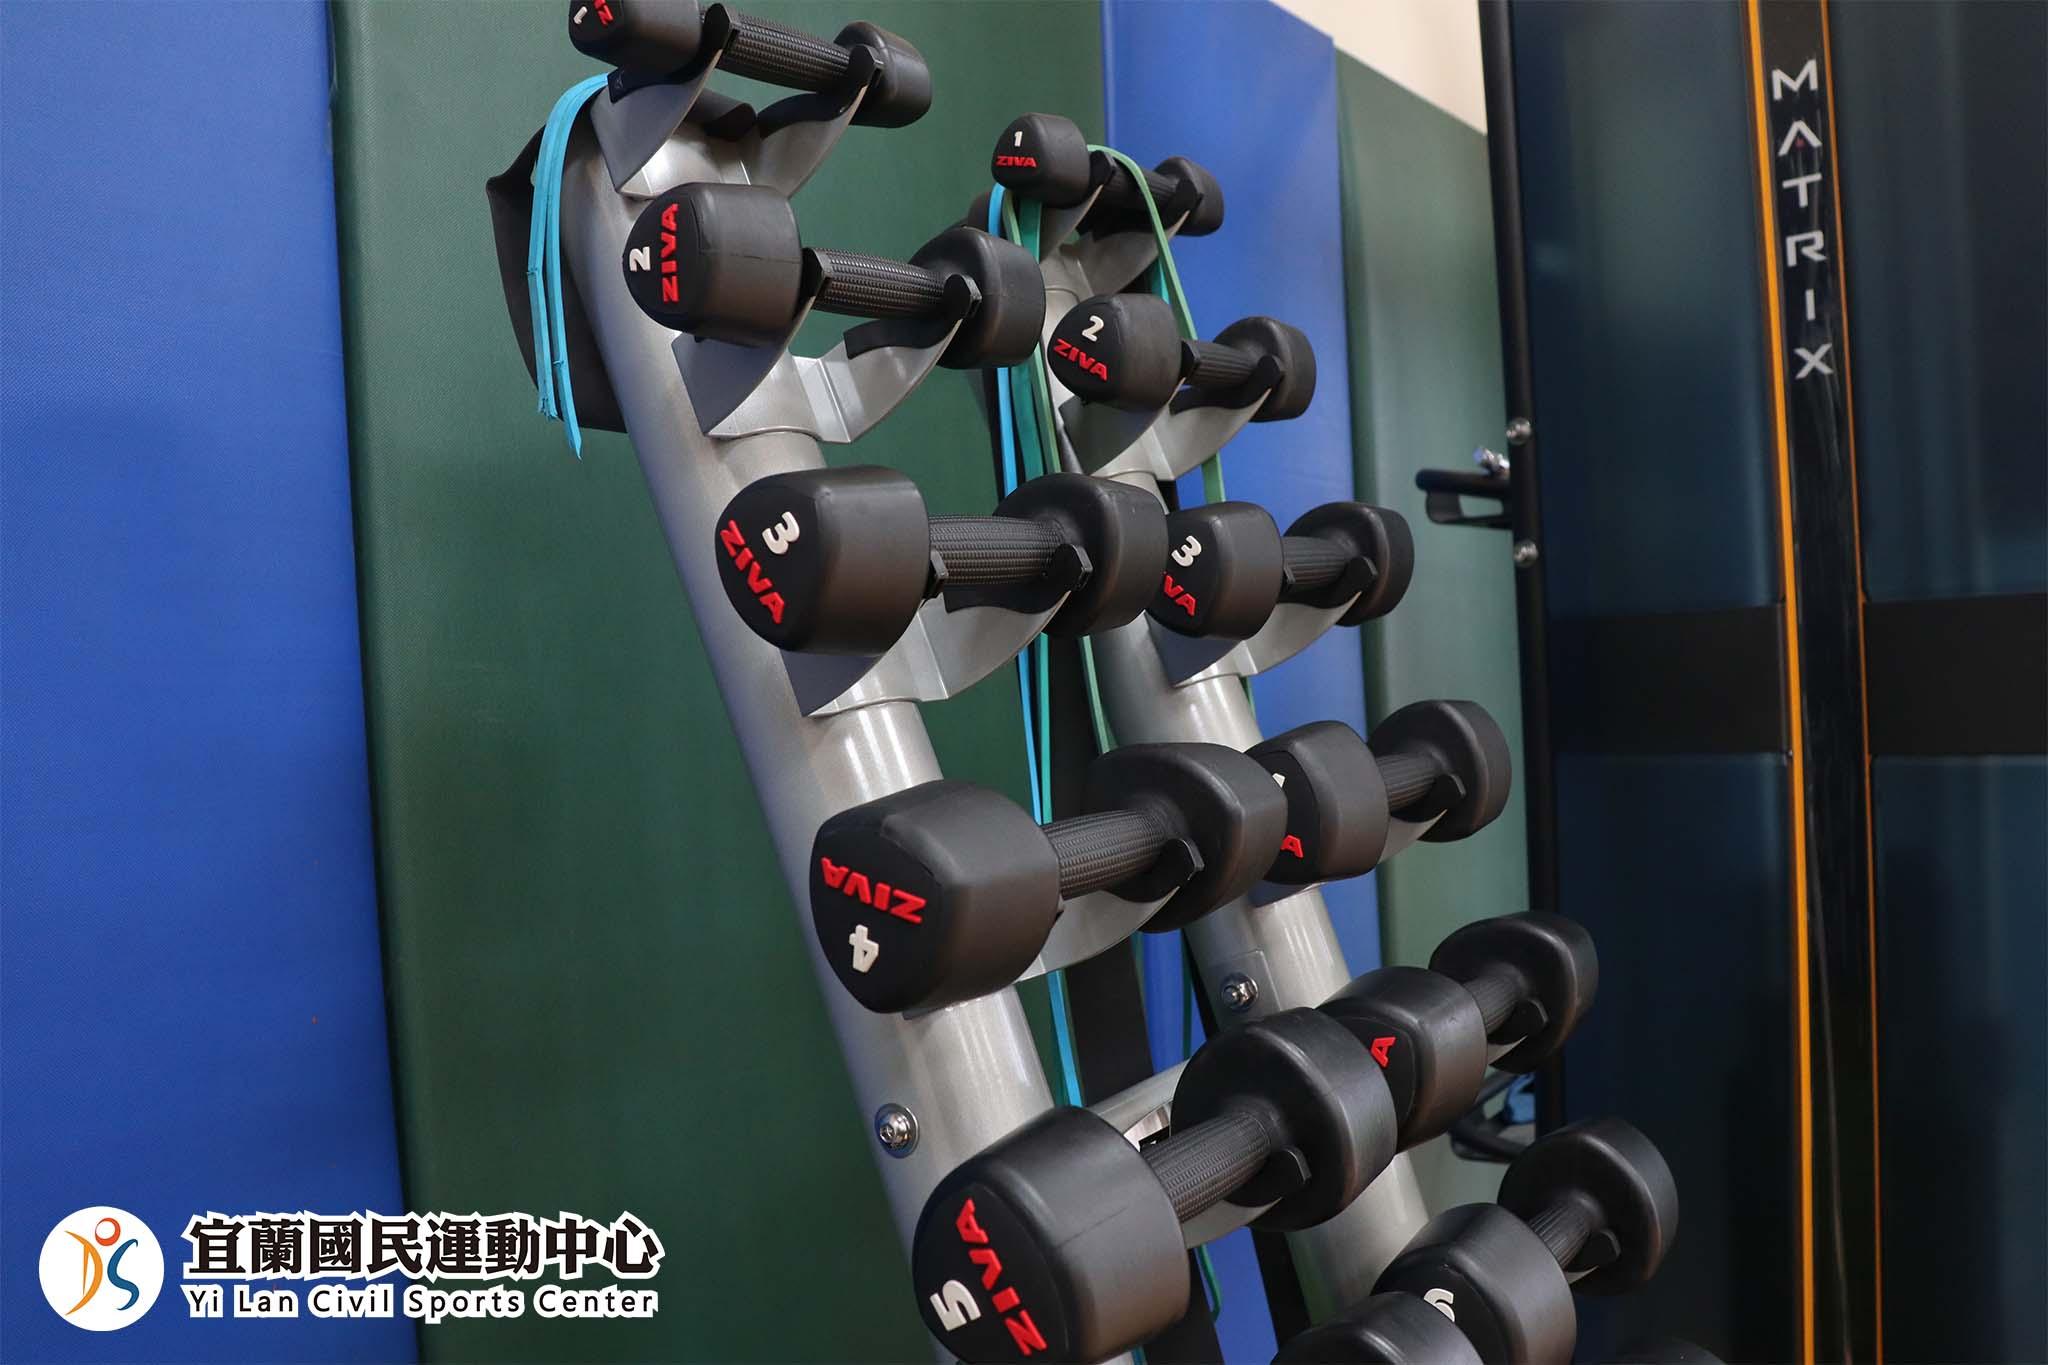 體能訓練室啞鈴器材(JPG)